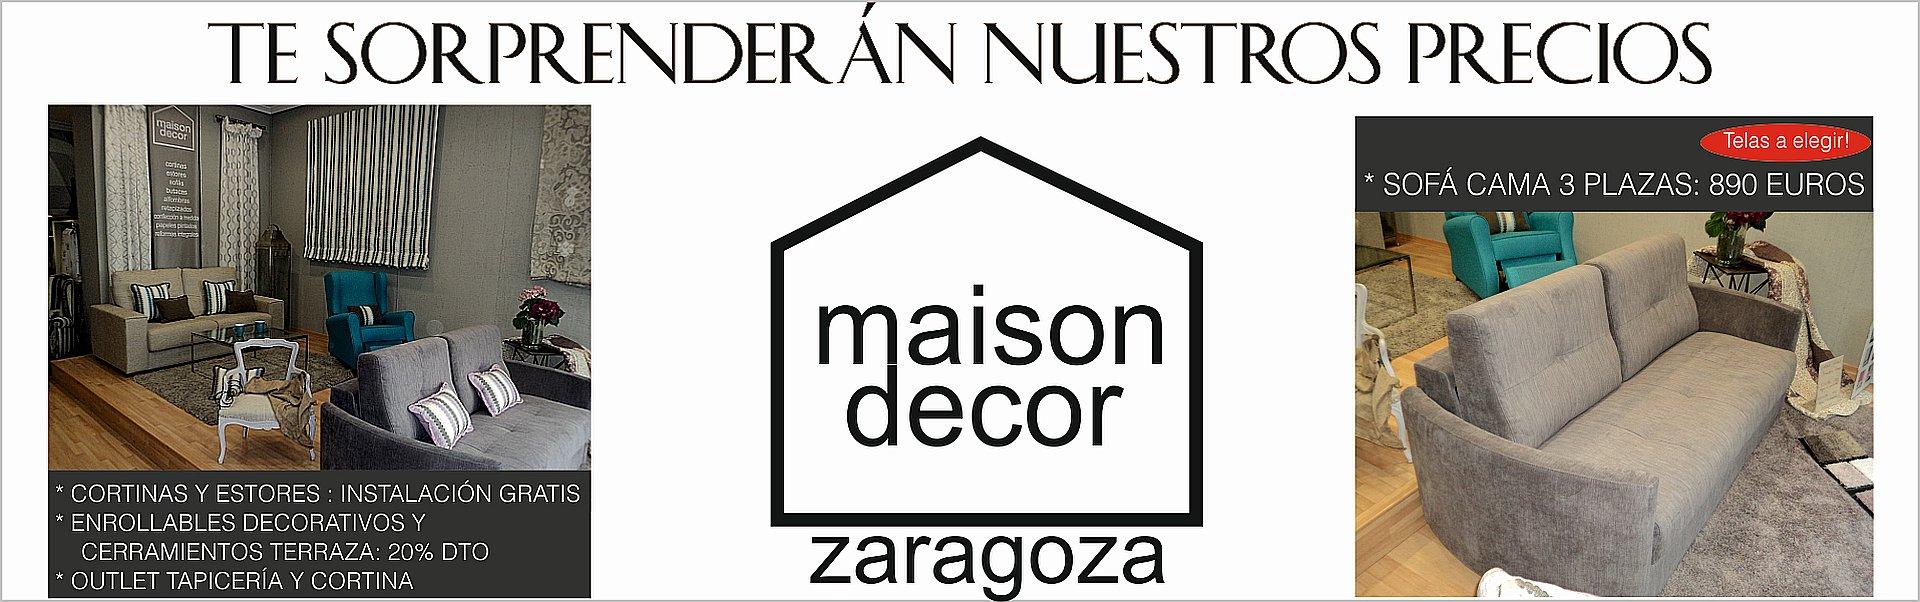 banner sofa enrollables estores cerramientos maison decor zaragoza ofertas mayo